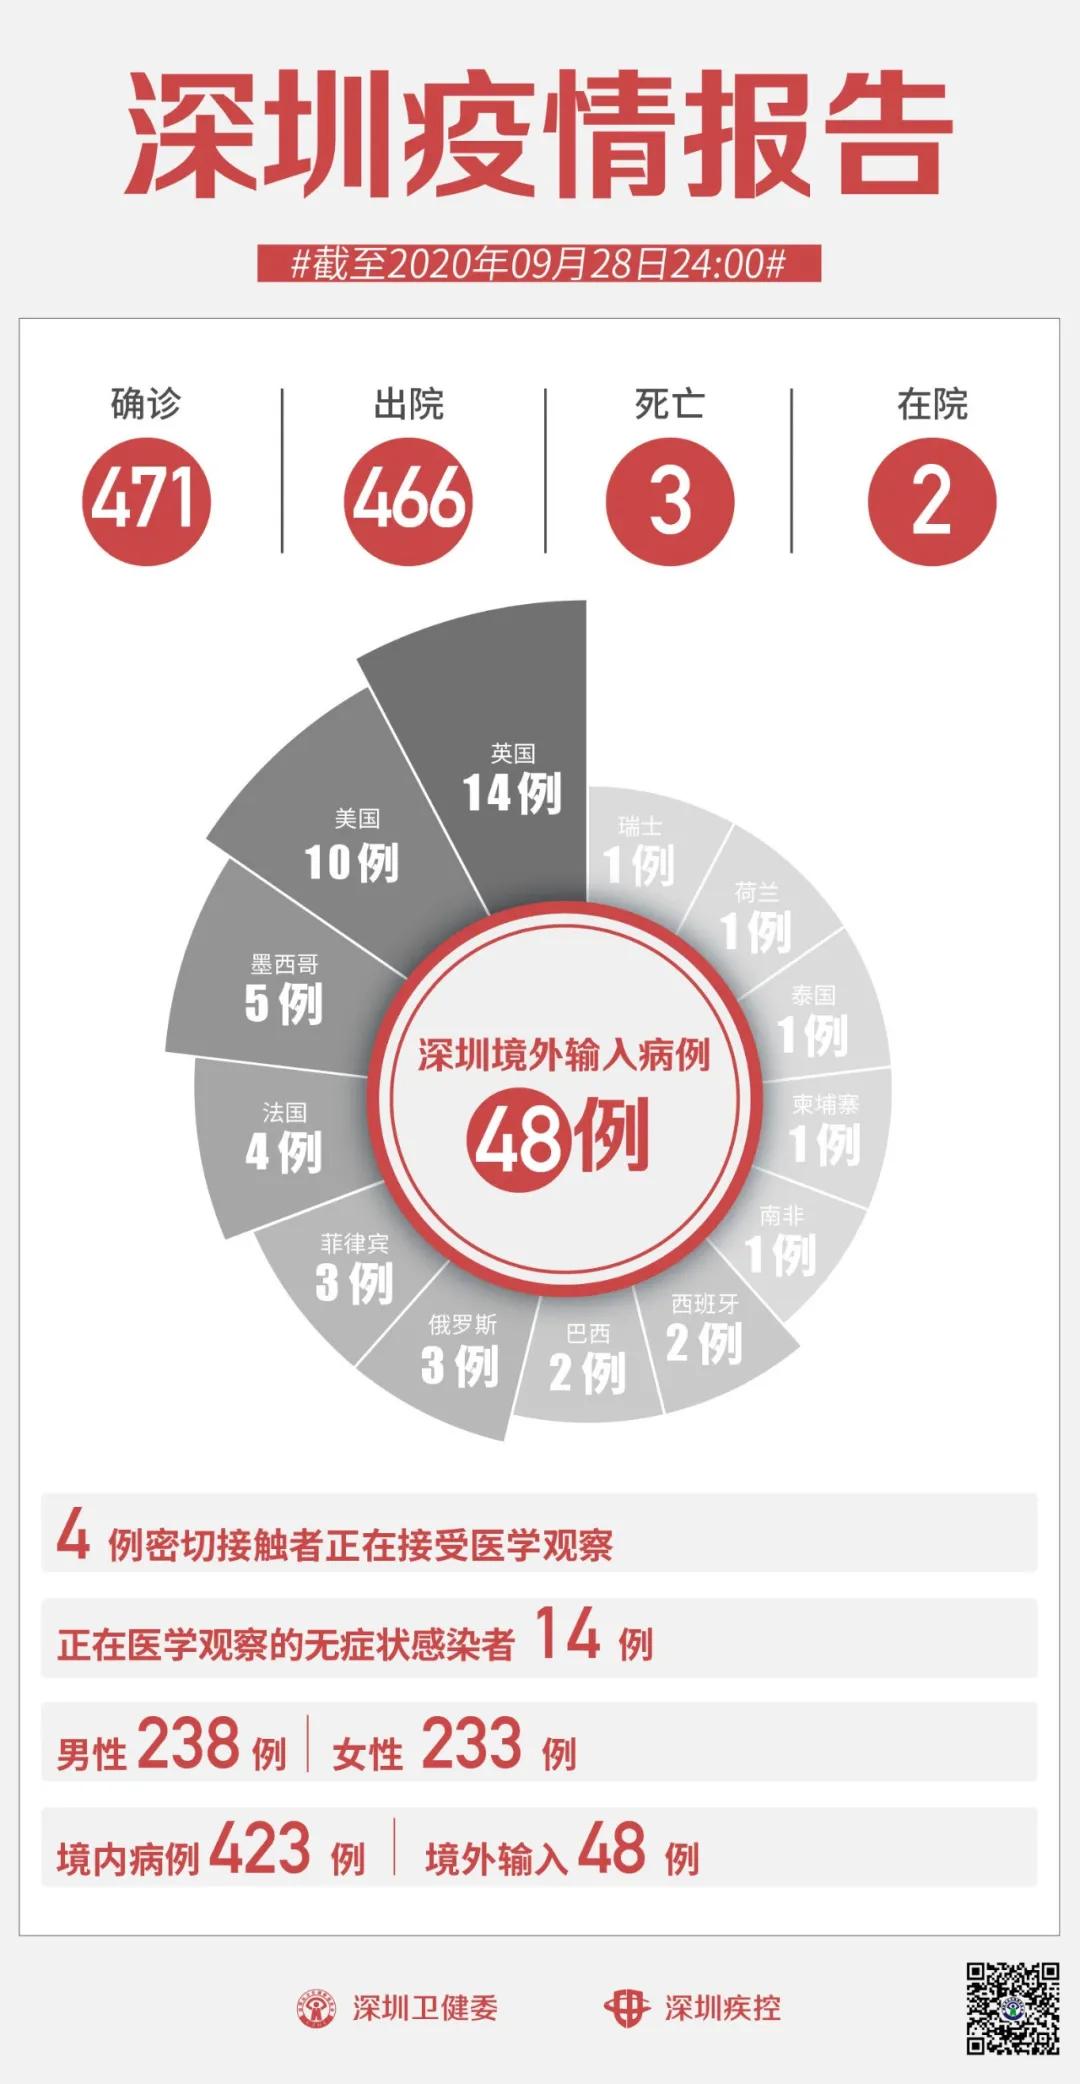 9月28日深圳无新增病例